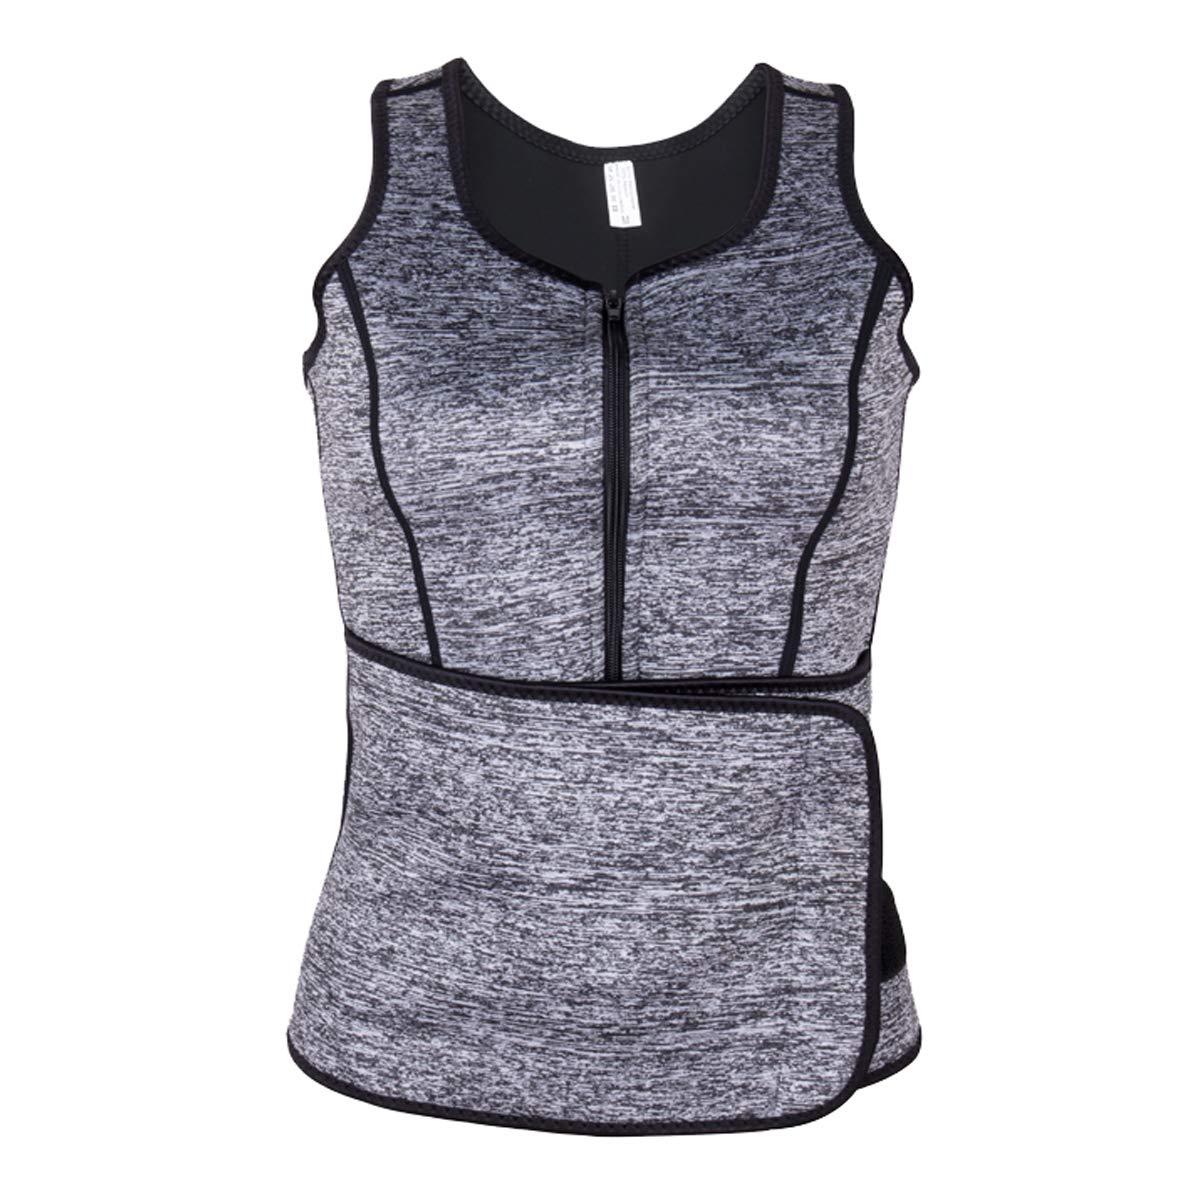 DODOING Neoprene Sauna Suit, Sauna Tank Top Vest Adjustable Waist Trainer Belt